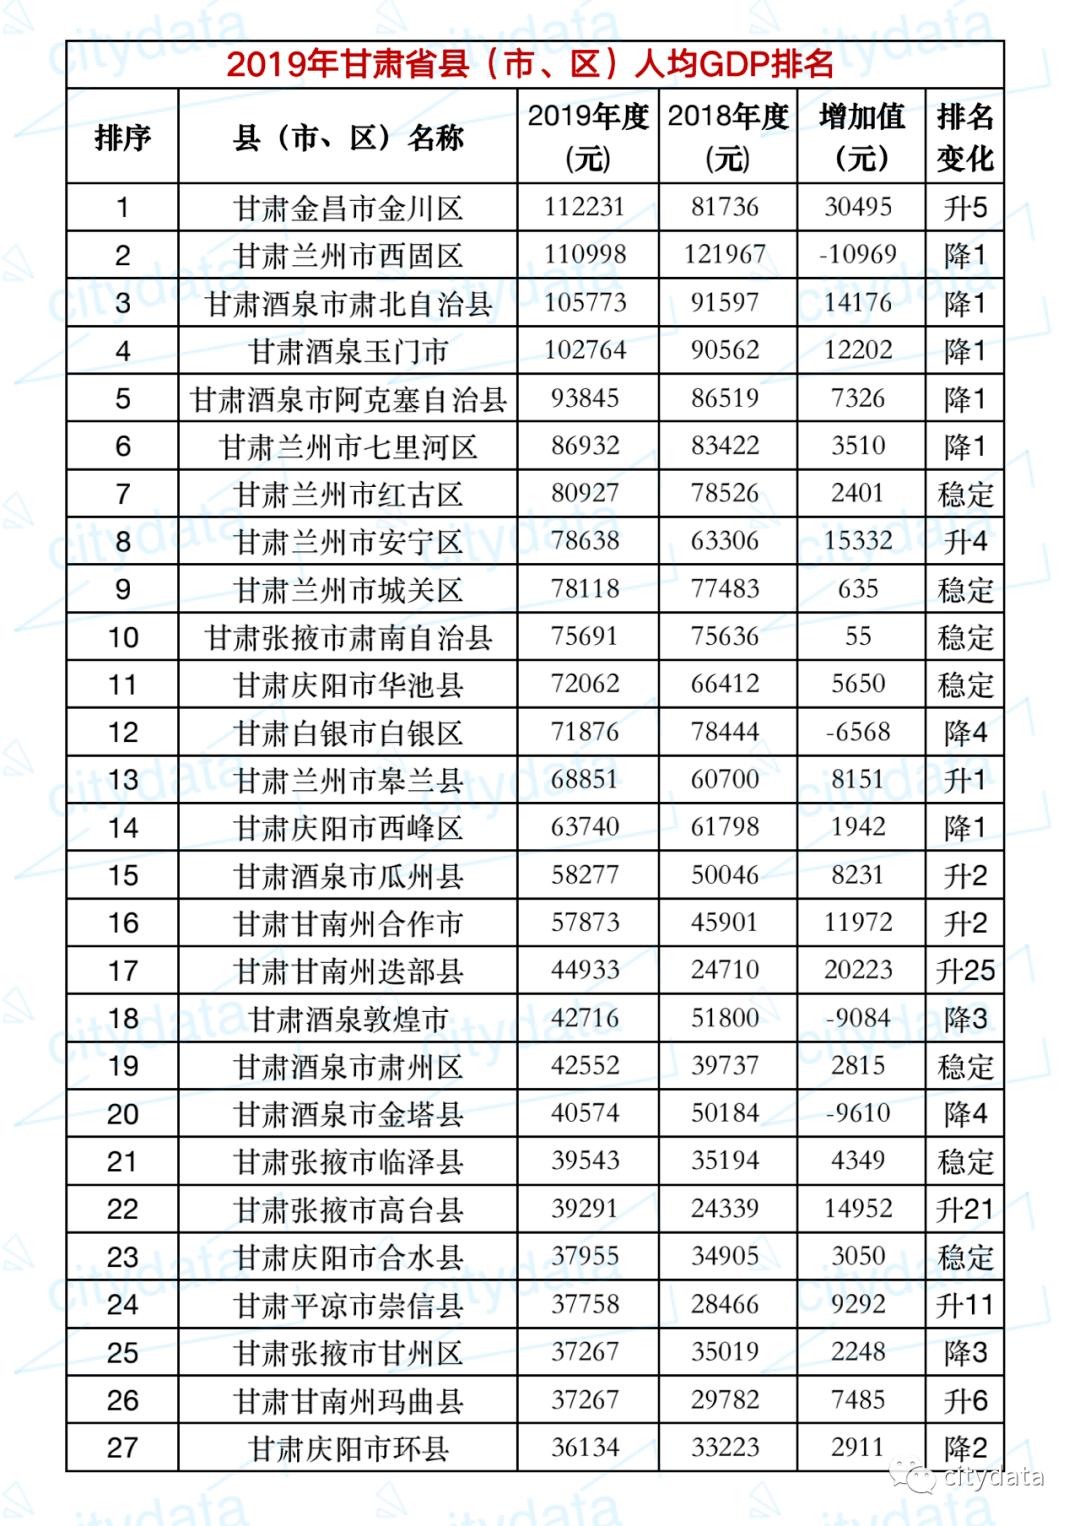 2019兰州人均gdp_2020年甘肃各市七普人口和人均GDP,10城人口下降